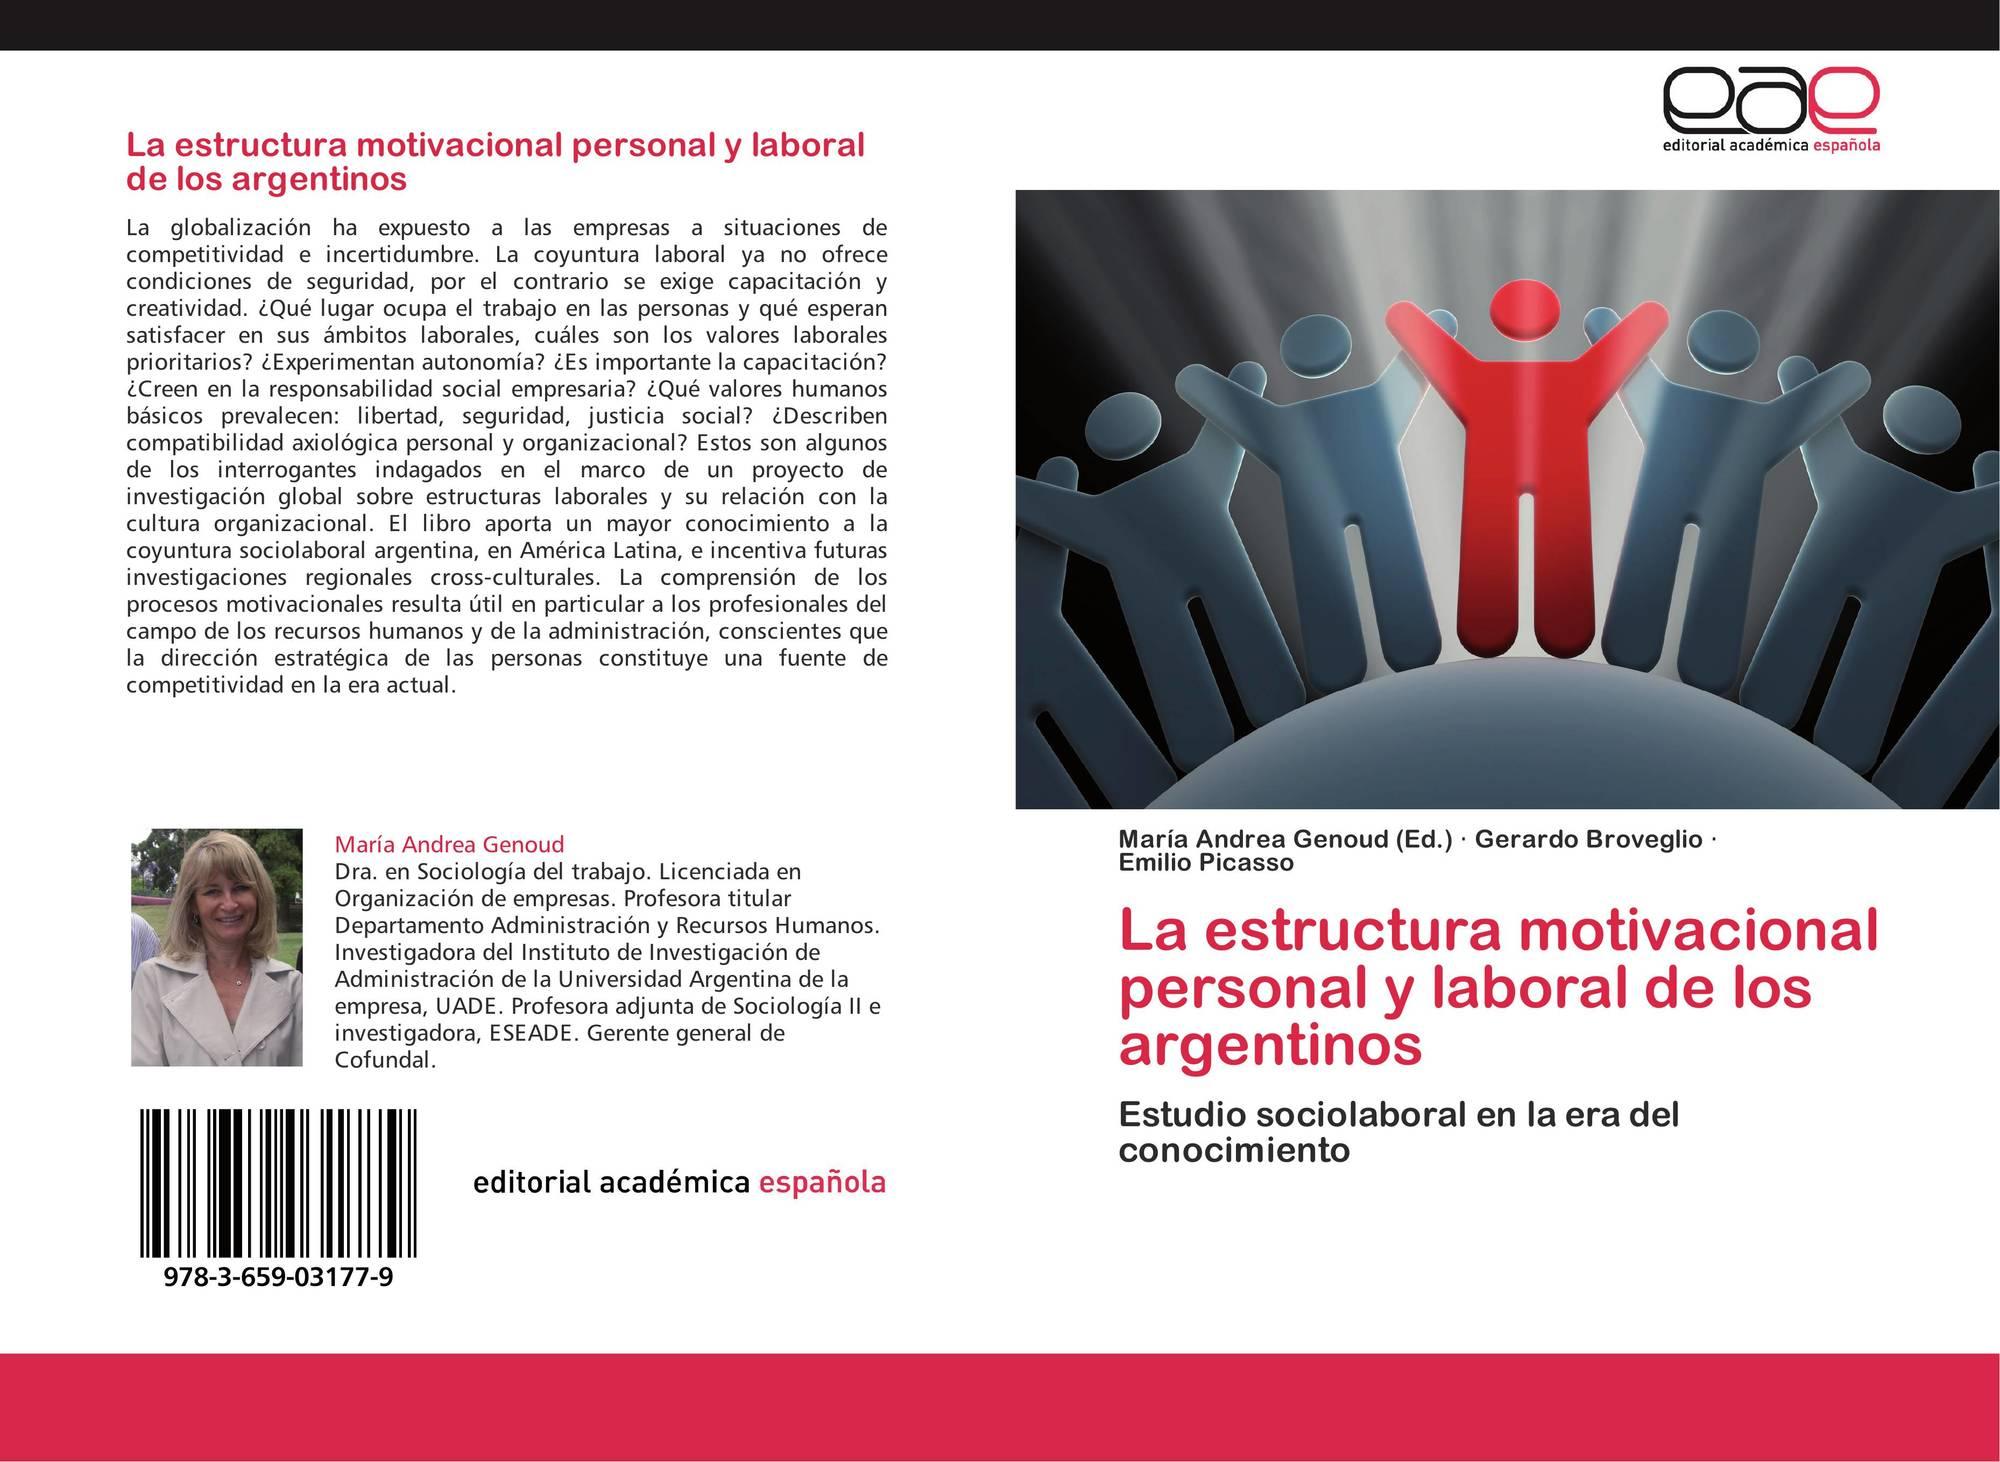 La Estructura Motivacional Personal Y Laboral De Los